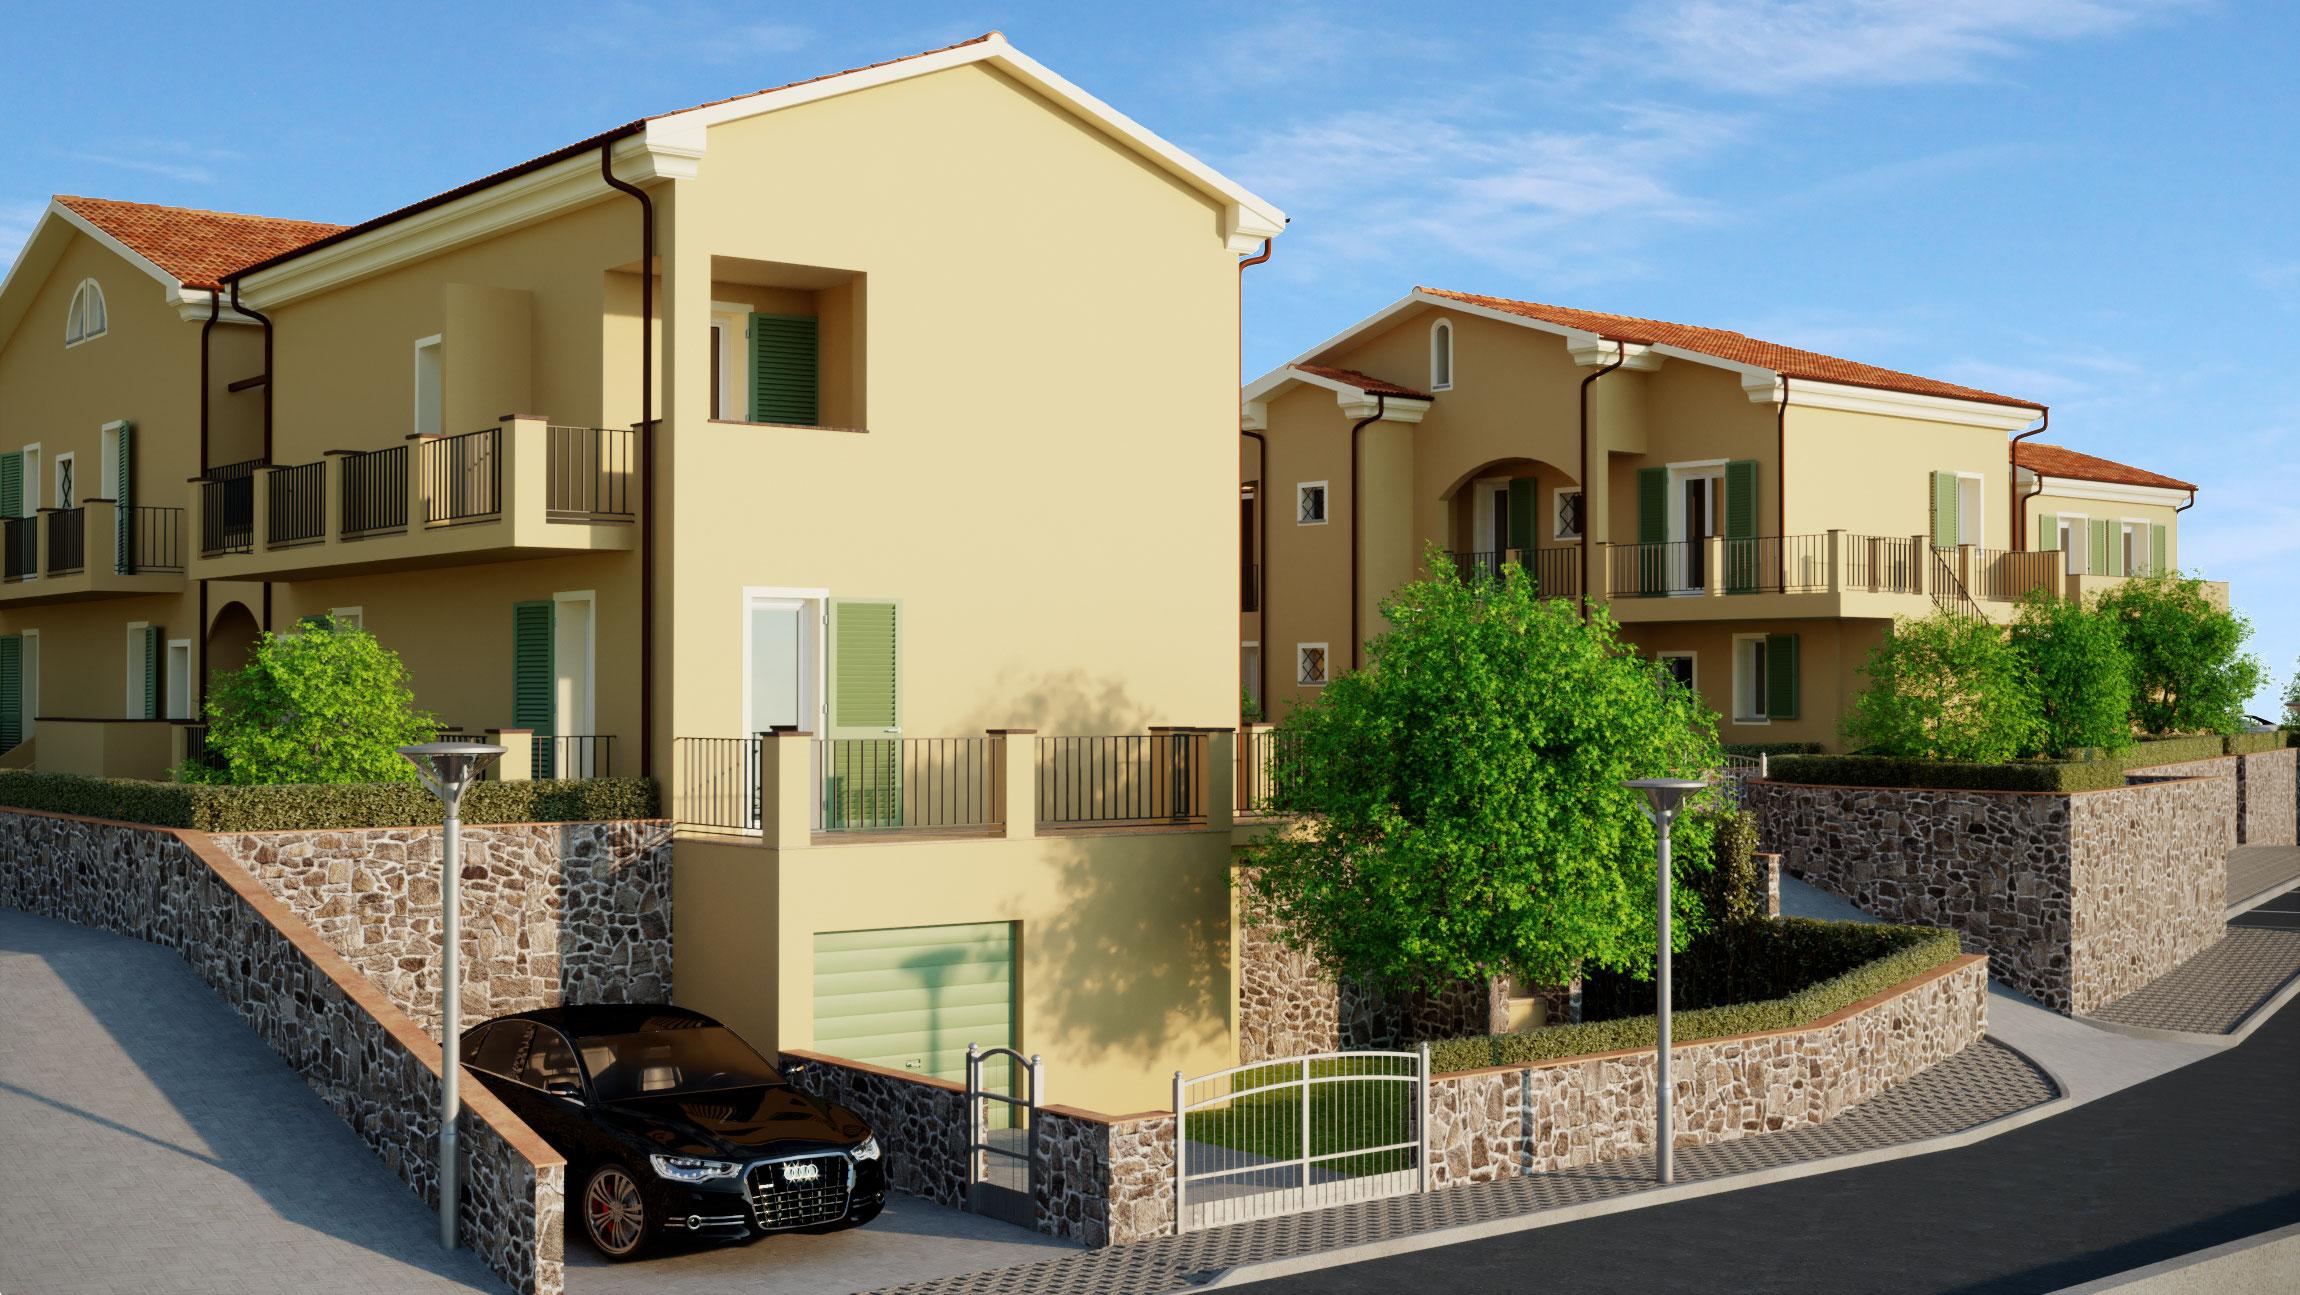 Nuovo complesso residenziale la tua nuova casa a caniparola for Progetta la tua nuova casa